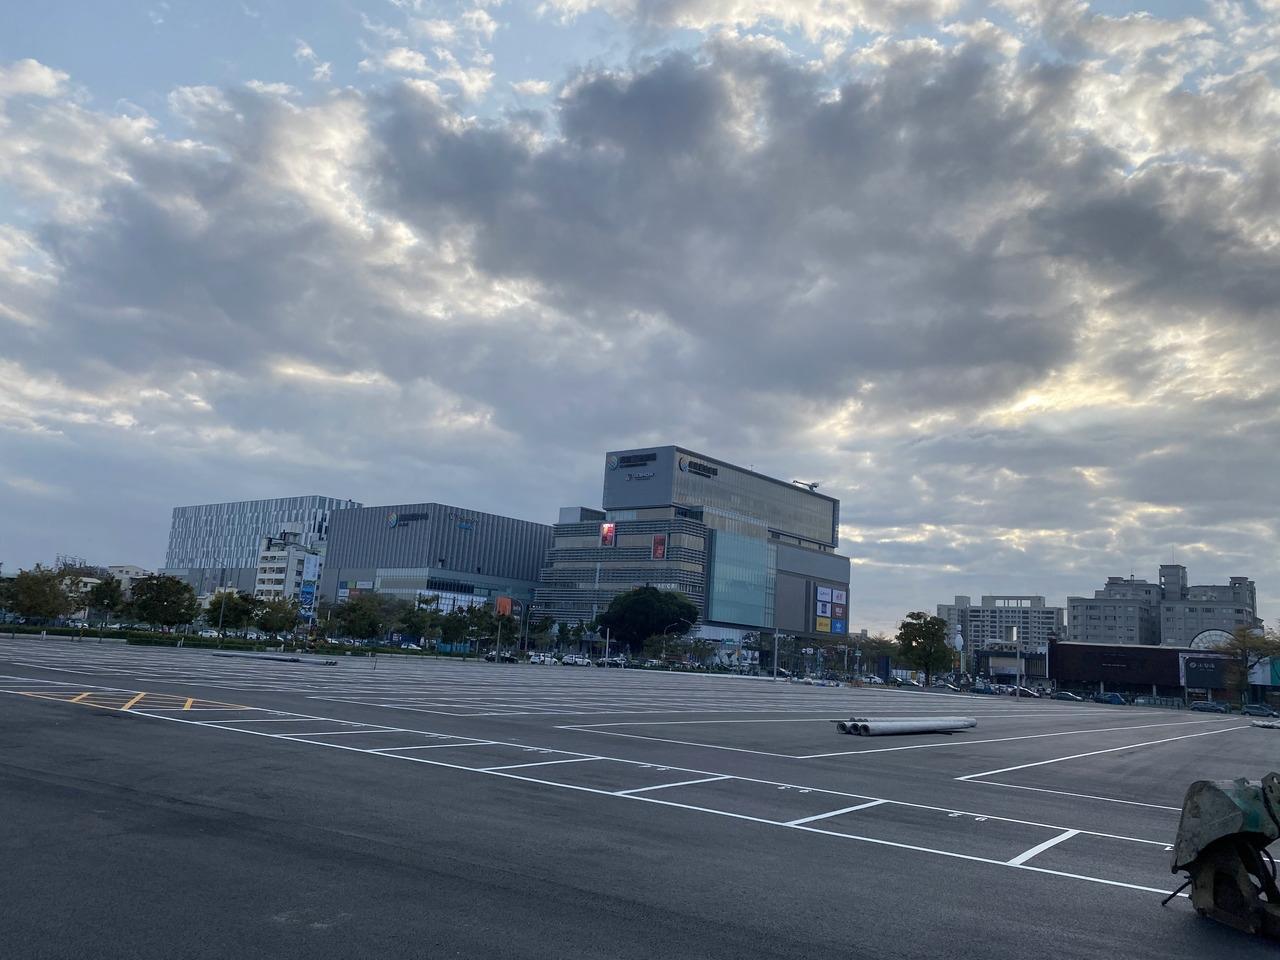 台南市東區南紡購物中心對面目前整地完成,預計將開設大型夜市。圖/取自台南式臉書